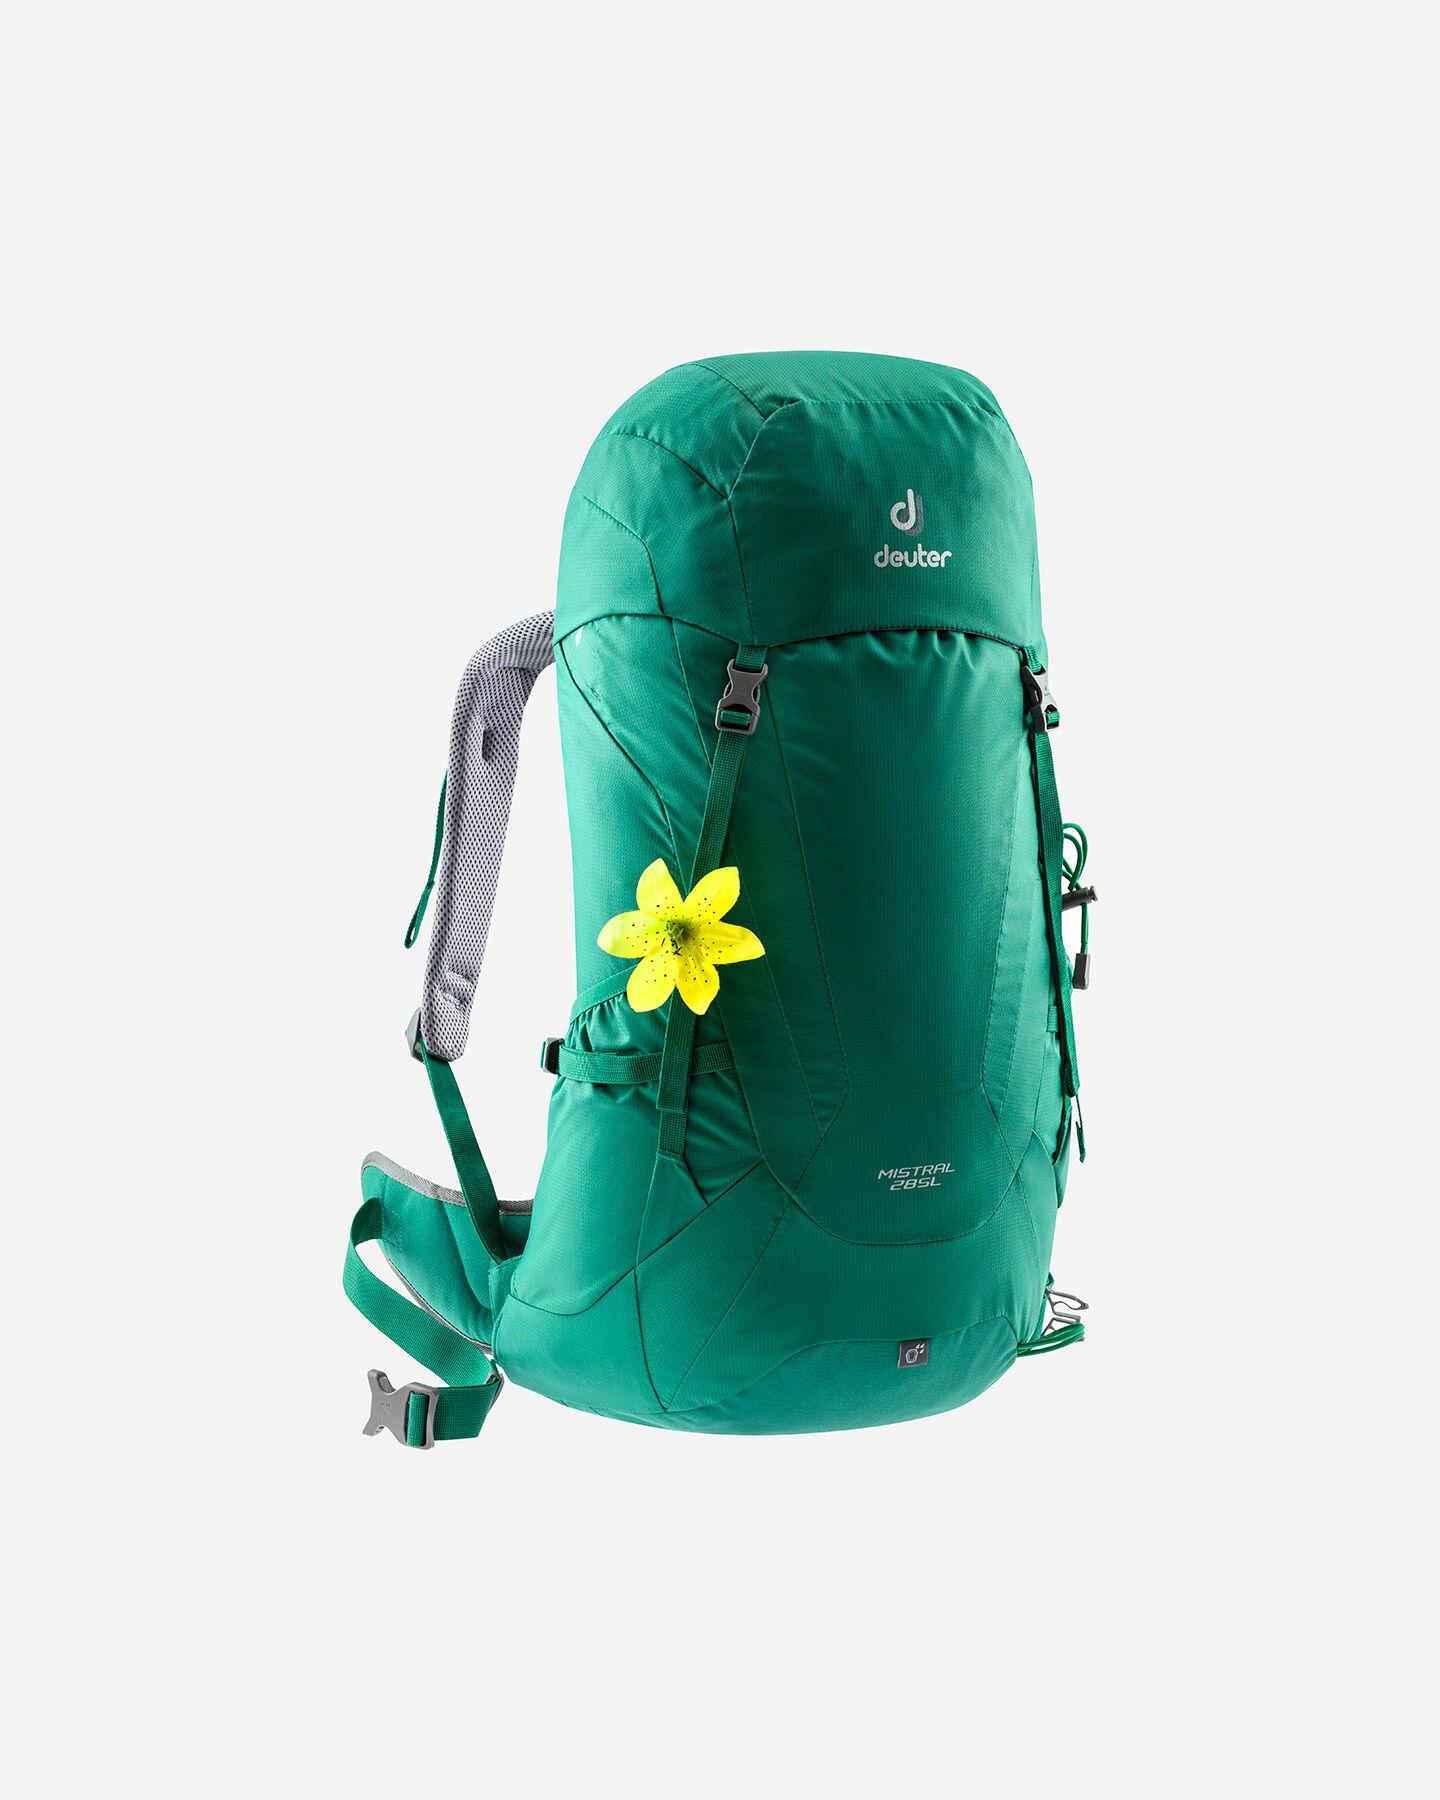 Zaino escursionismo DEUTER MISTRAL 28 SL W S4077439|2239|UNI scatto 0